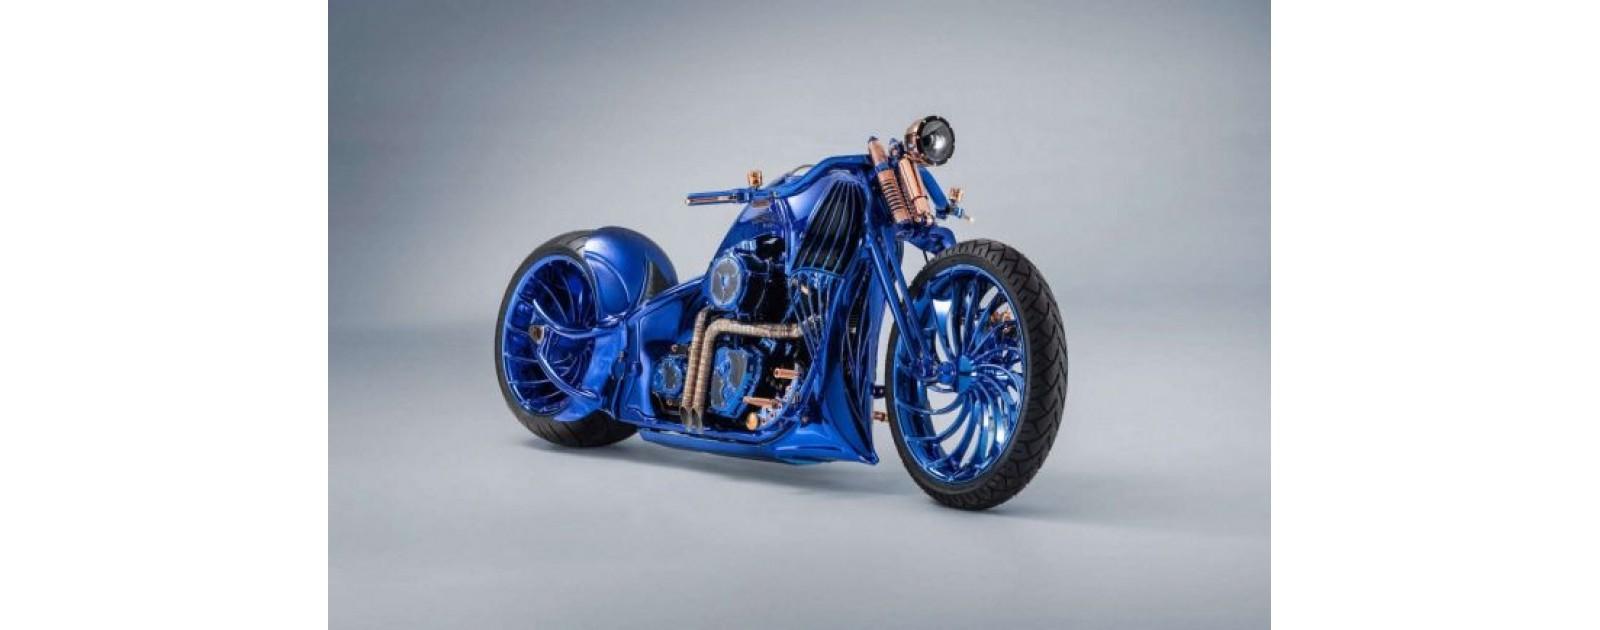 Cамый дорогой кастомный мотоцикл в мире от Harley-Davidson